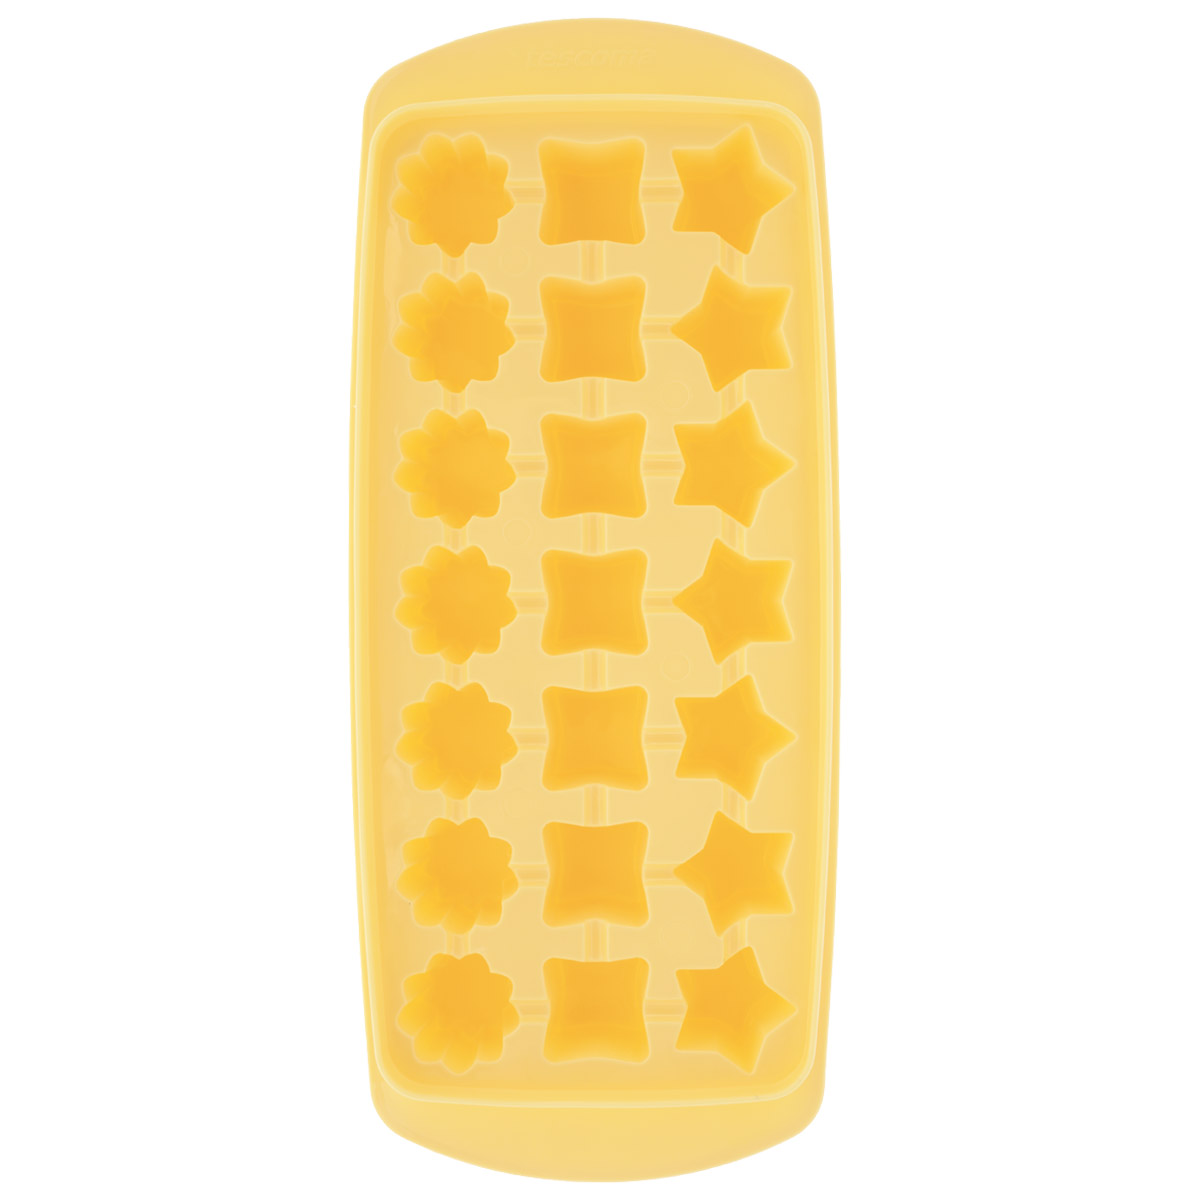 Форма для льда Tescoma Presto, цвет: желтый, 21 ячейкаVT-1520(SR)Форма для льда Tescoma Presto выполнена из прочного пластика. За один раз вы можете приготовить 21 кубик льда в форме звездочки, квадратика или цветочка. Теперь на смену традиционным квадратным пришли новые оригинальные формы для приготовления фигурного льда, которыми можно не только охладить, но и украсить любой напиток. В формочки при заморозке воды можно помещать ягодки, такие льдинки не только оживят коктейль, но и добавят радостного настроения гостям на празднике!Общий размер формы: 27 см х 11,5 см х 3 см. Средний размер ячейки: 2,5 см х 2,5 см. Количество ячеек: 21 шт.